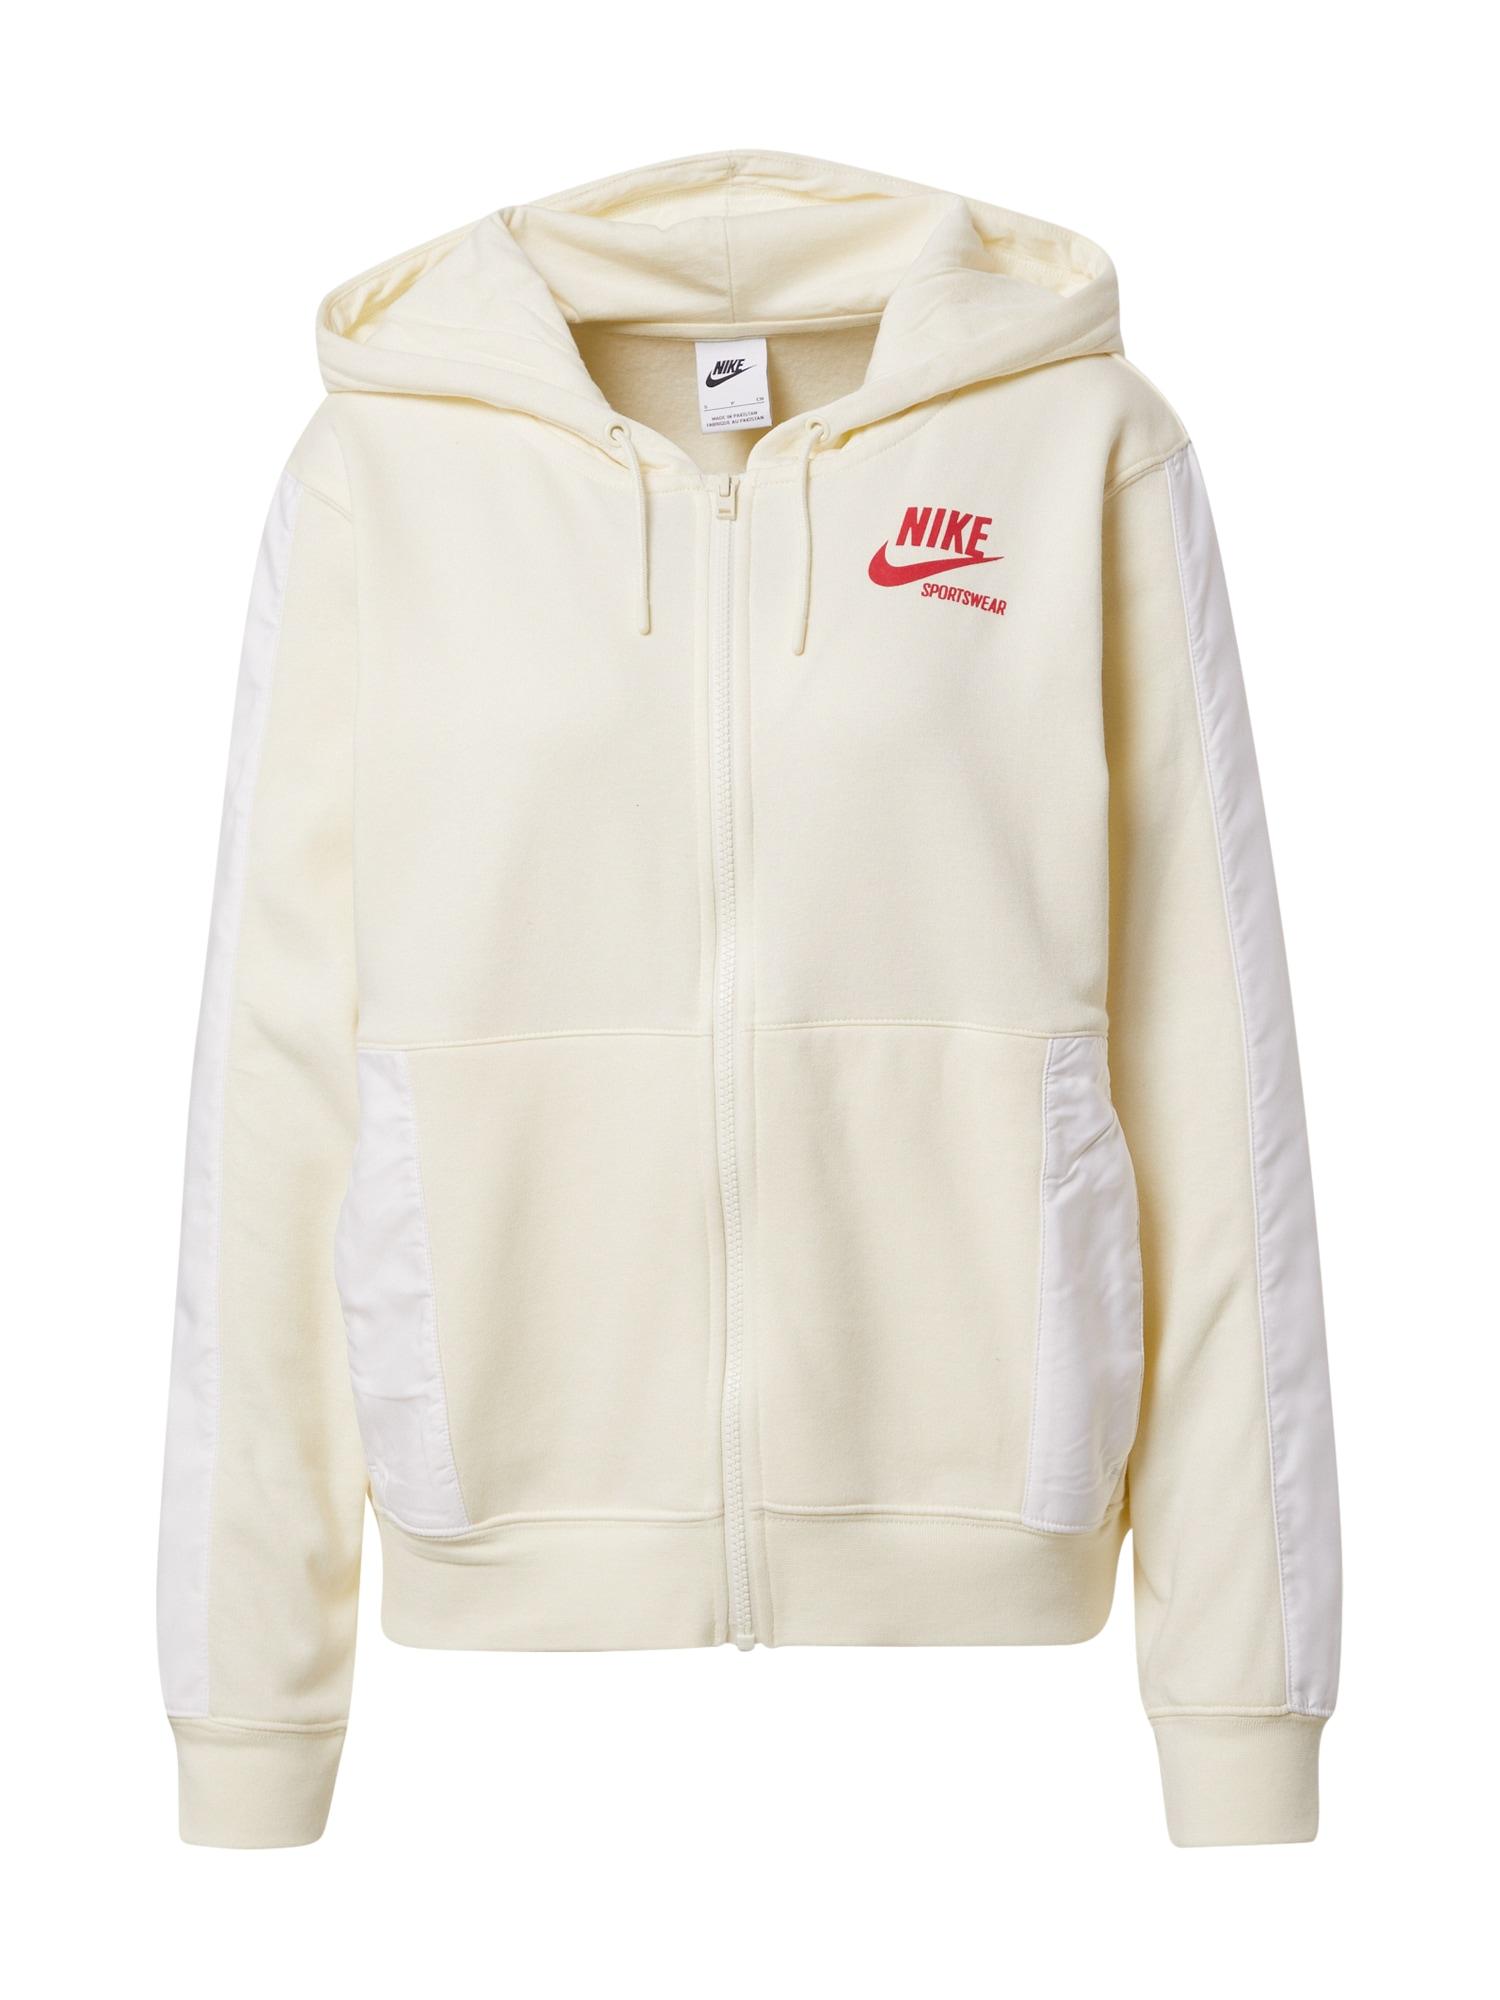 Nike Sportswear Džemperis balkšva / kremo / raudona